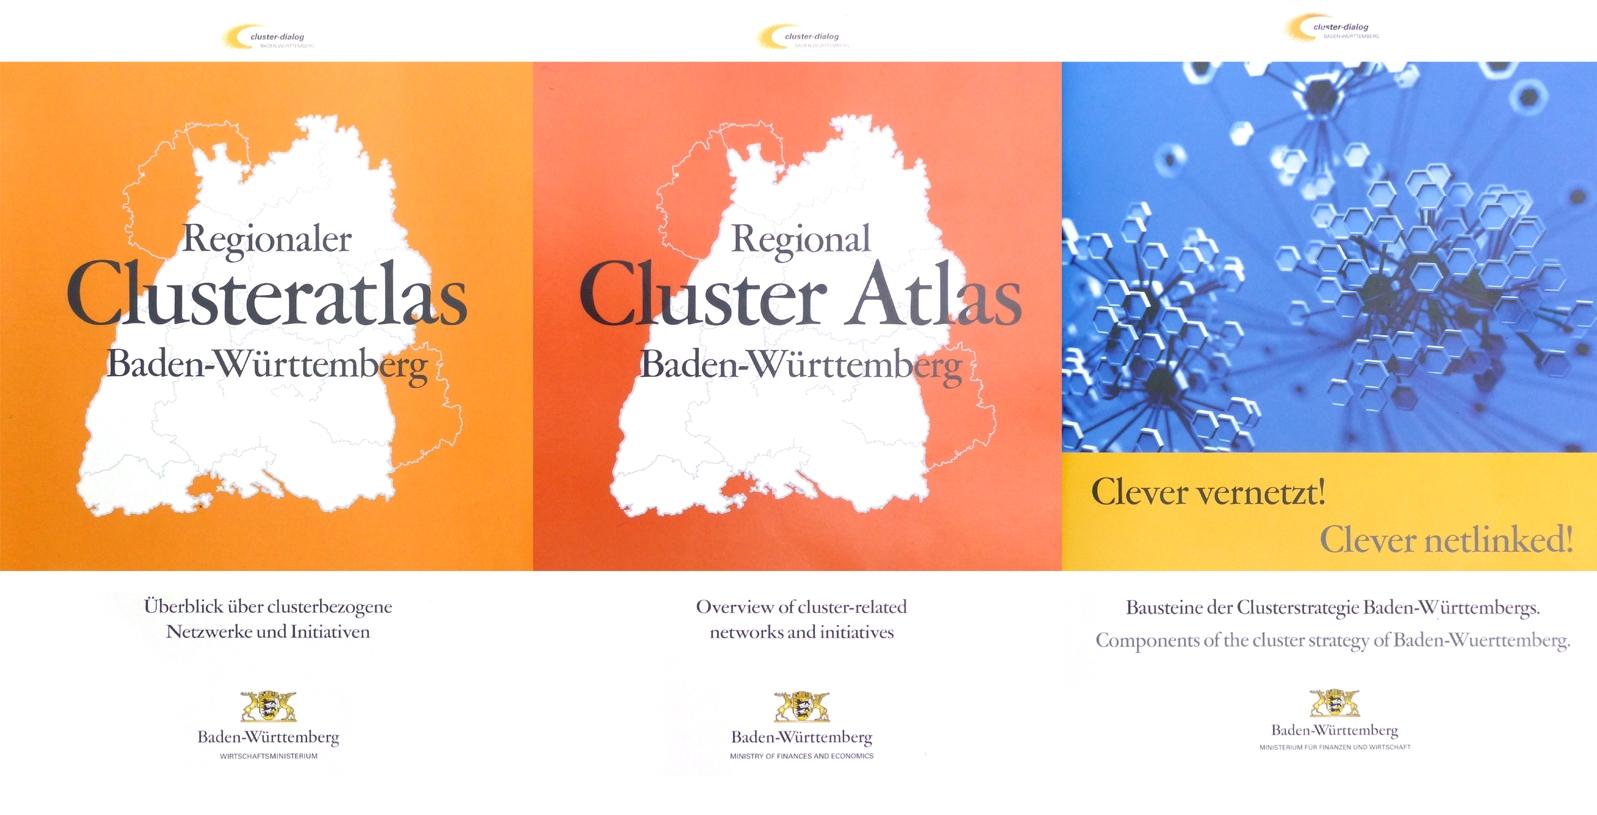 Clusteratlas